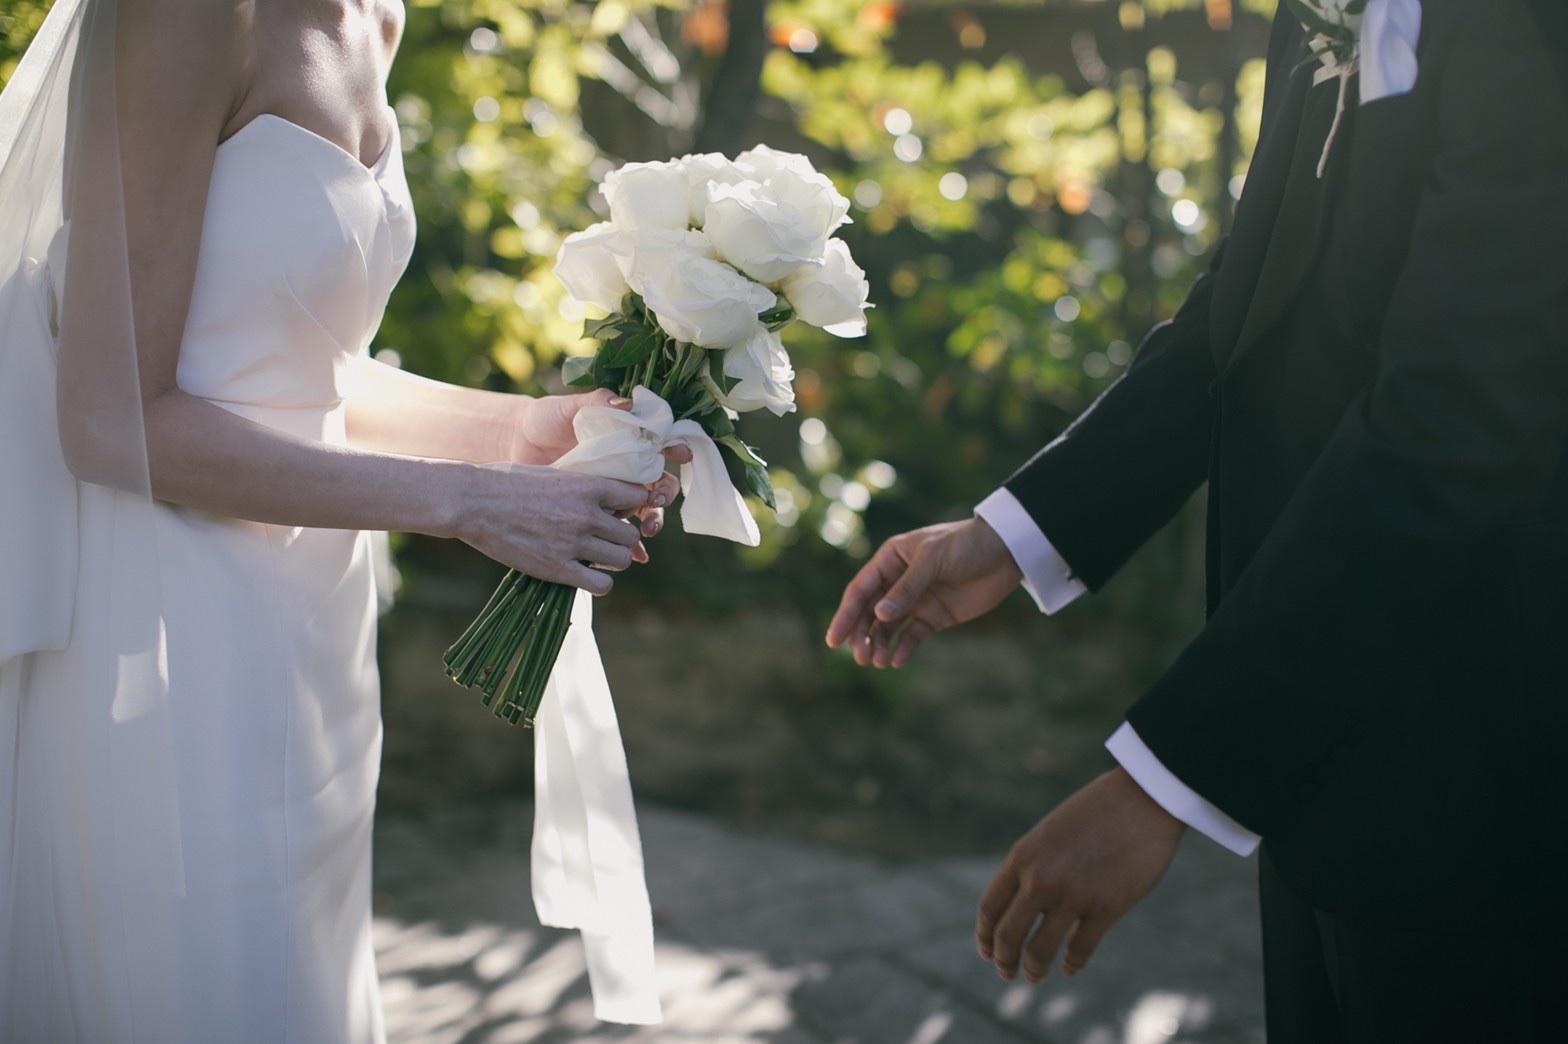 結婚式のブーケはシンプルな白のバラを束ねて洗練された雰囲気にする事でドレスとのバランスも美しくまとまります。